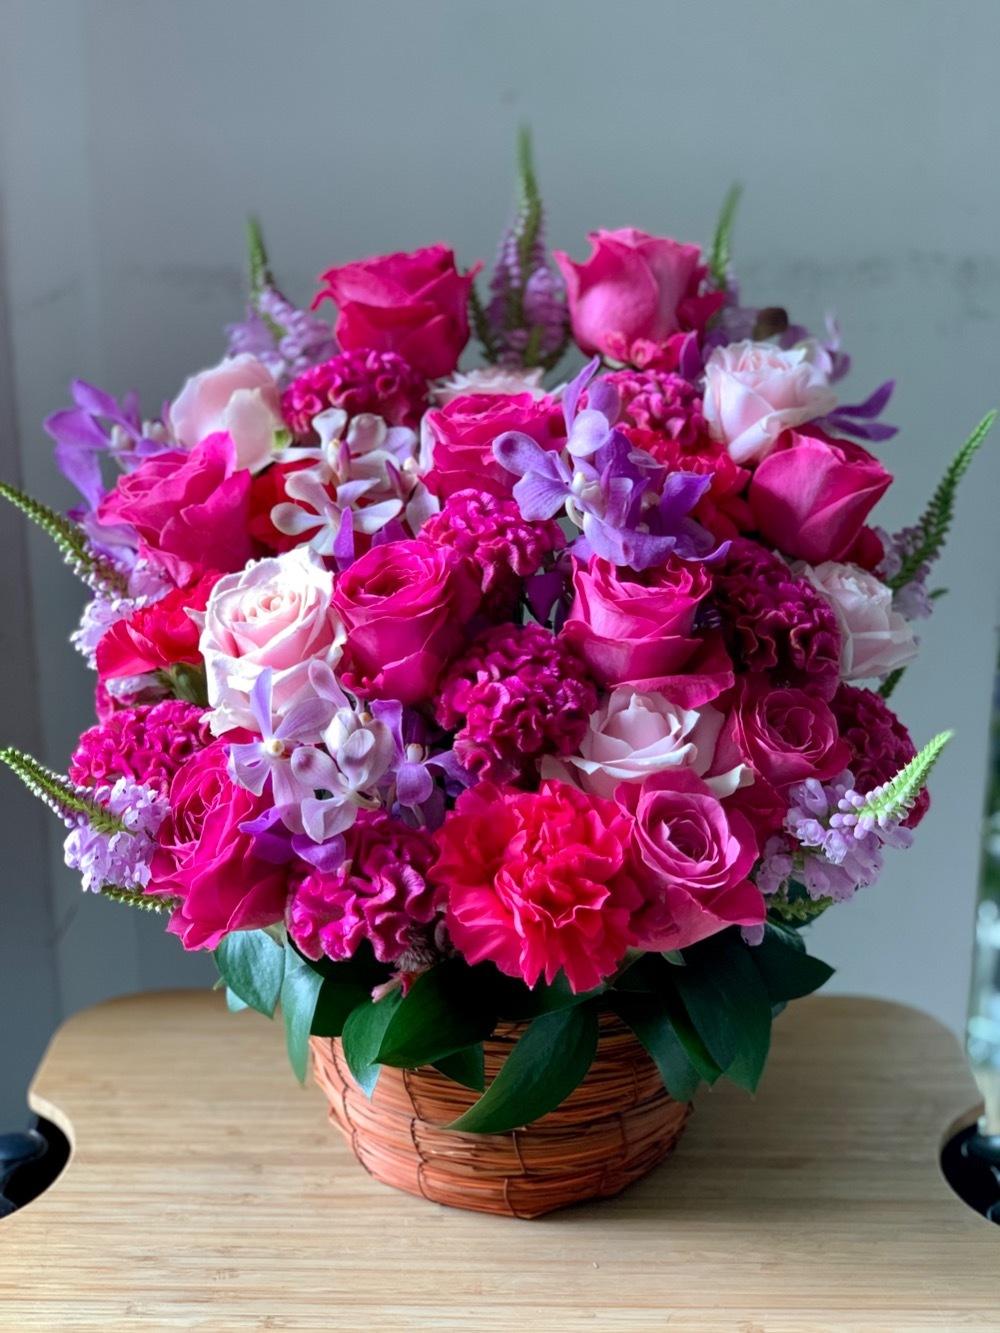 お届け先のブランドロゴのお色味でおつくりした移転お祝い花